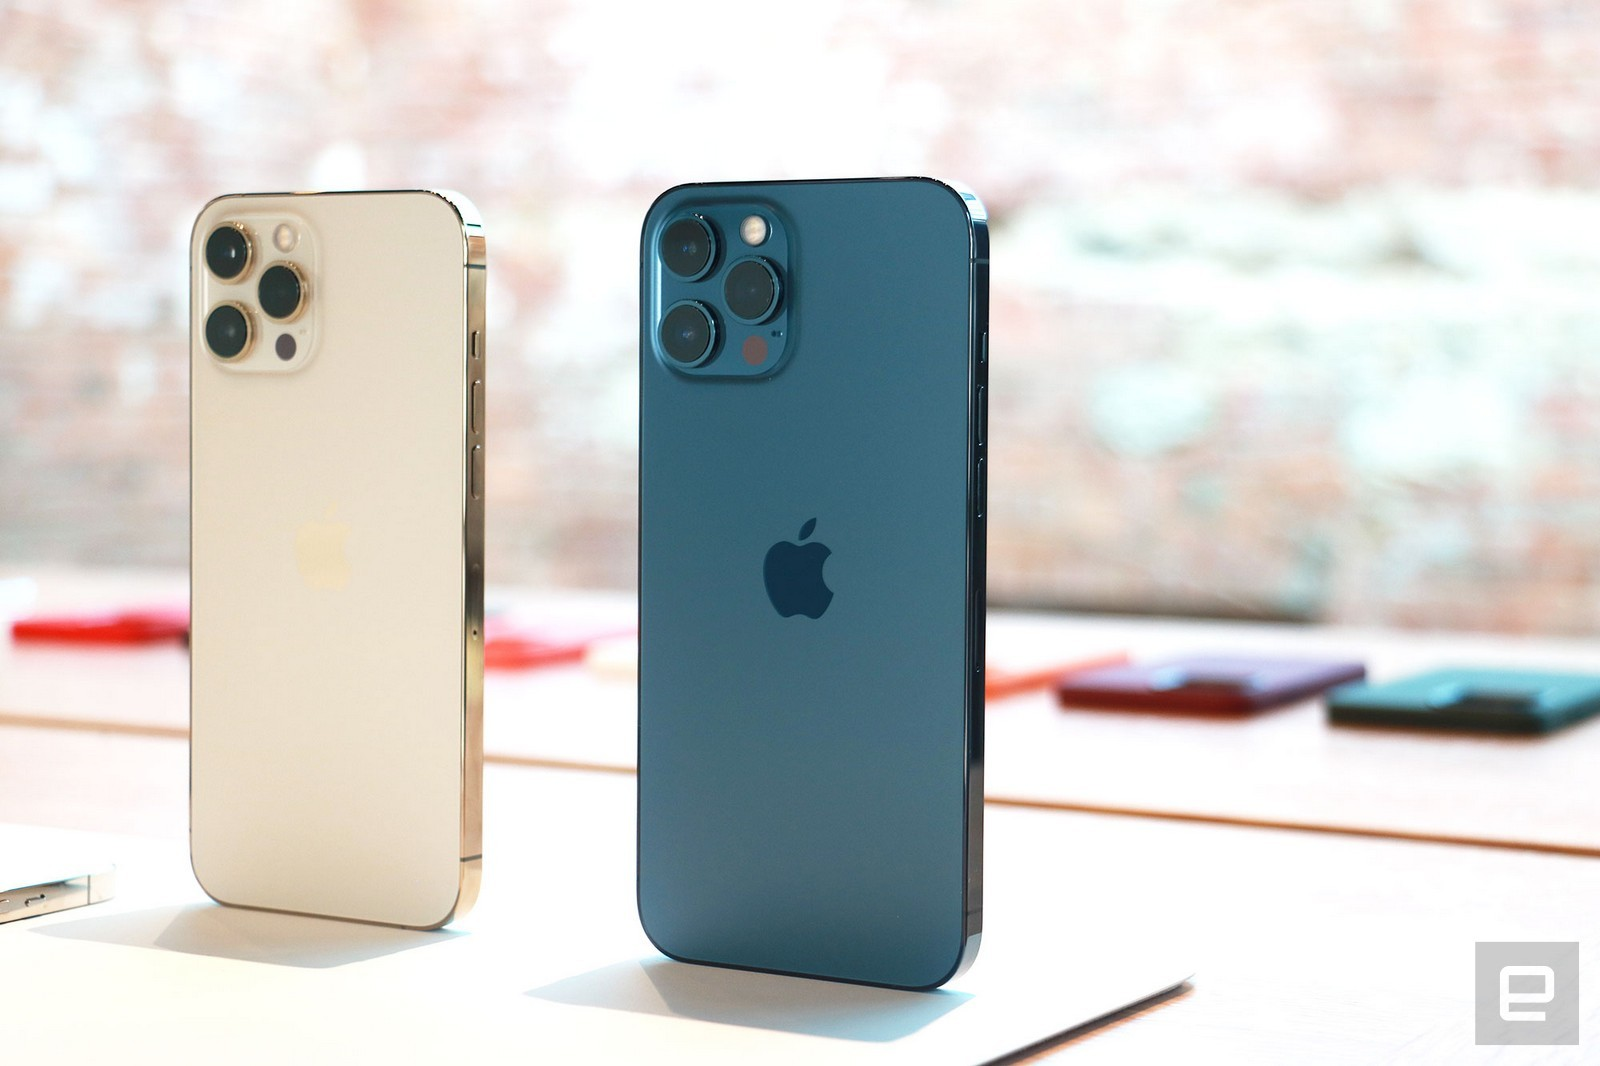 Cận cảnh iPhone 12 mini và iPhone 12 Pro Max trước giờ mở bán